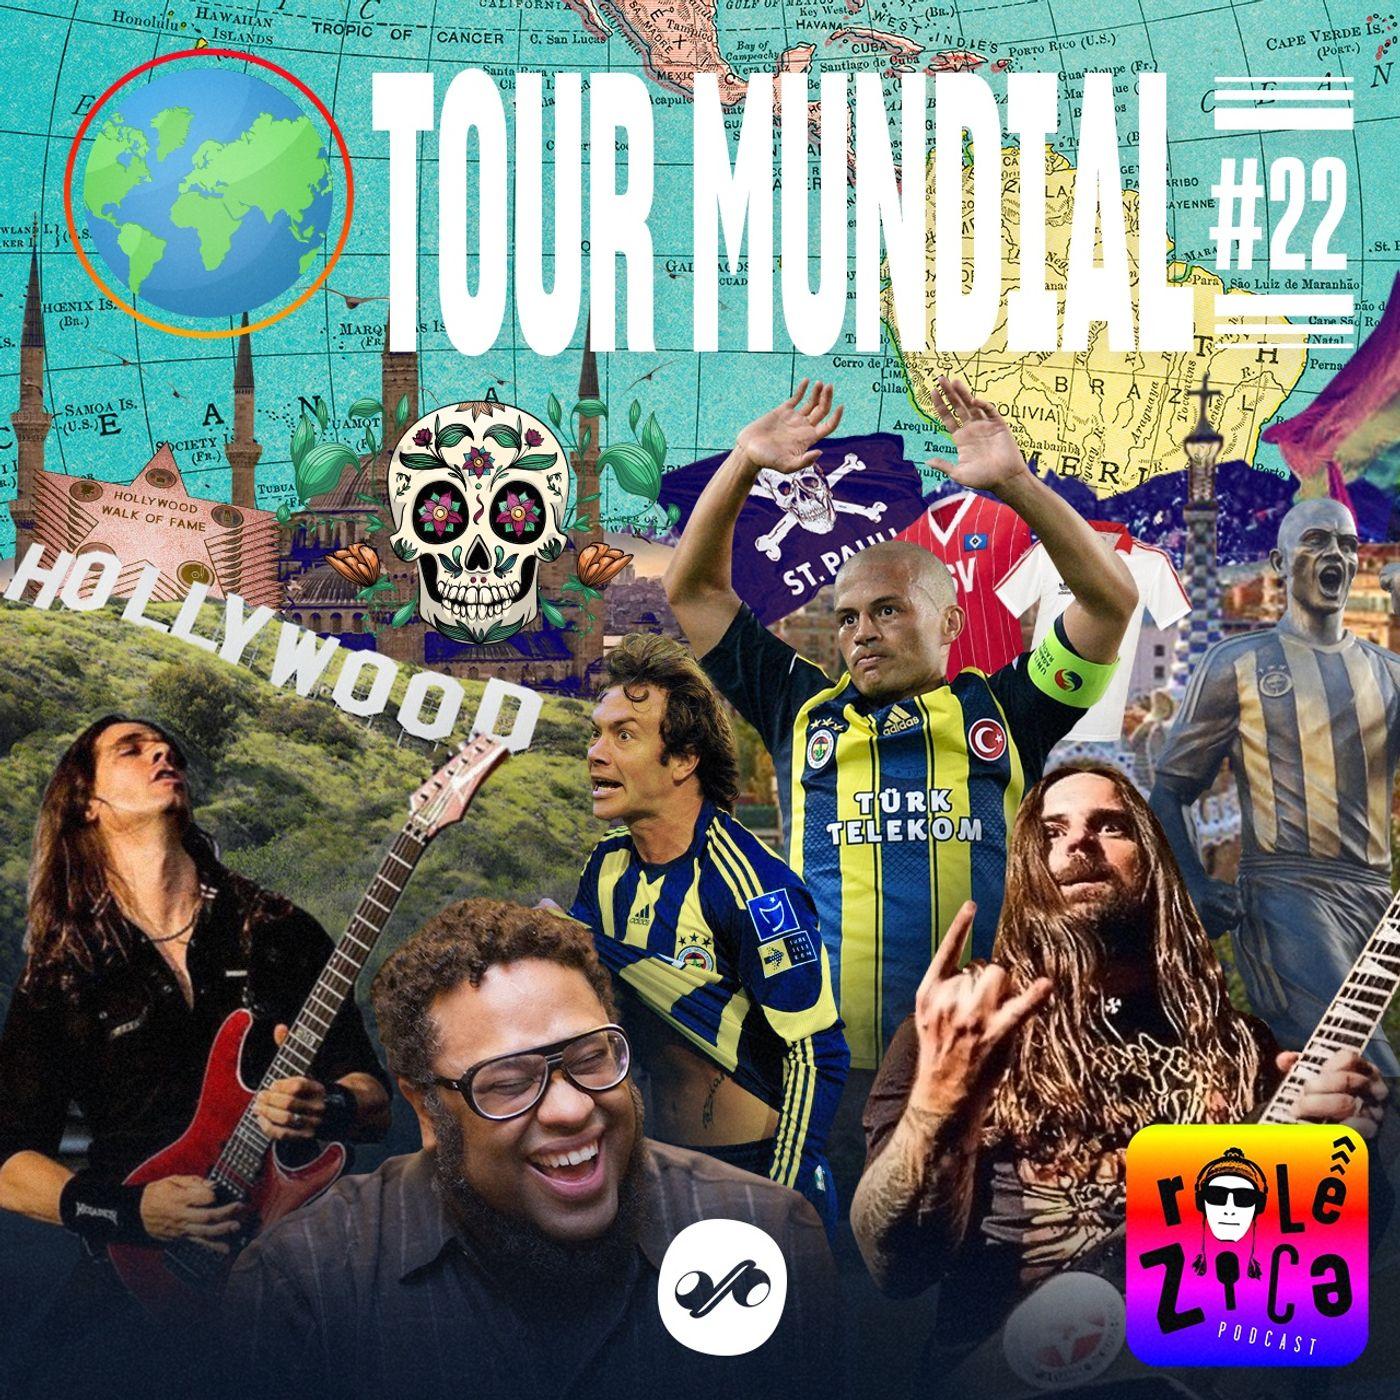 Rolê Zica: tour mundial sem sair do lugar